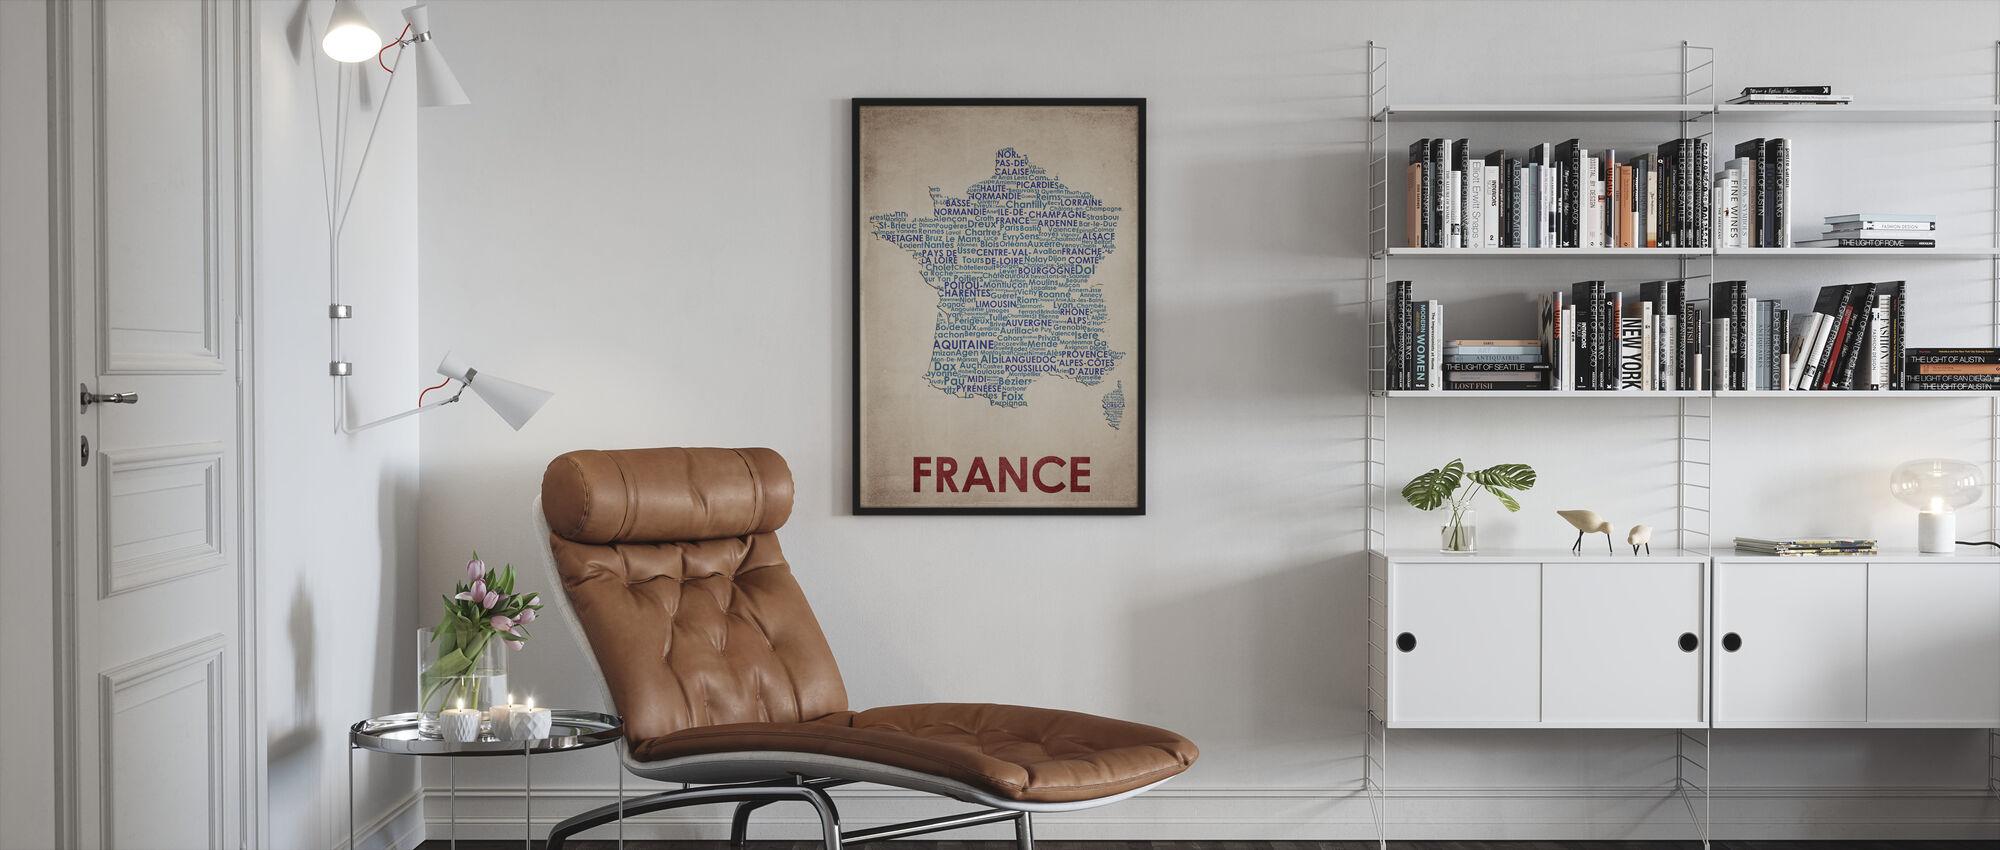 Ranska Kartta - Kehystetty kuva - Olohuone